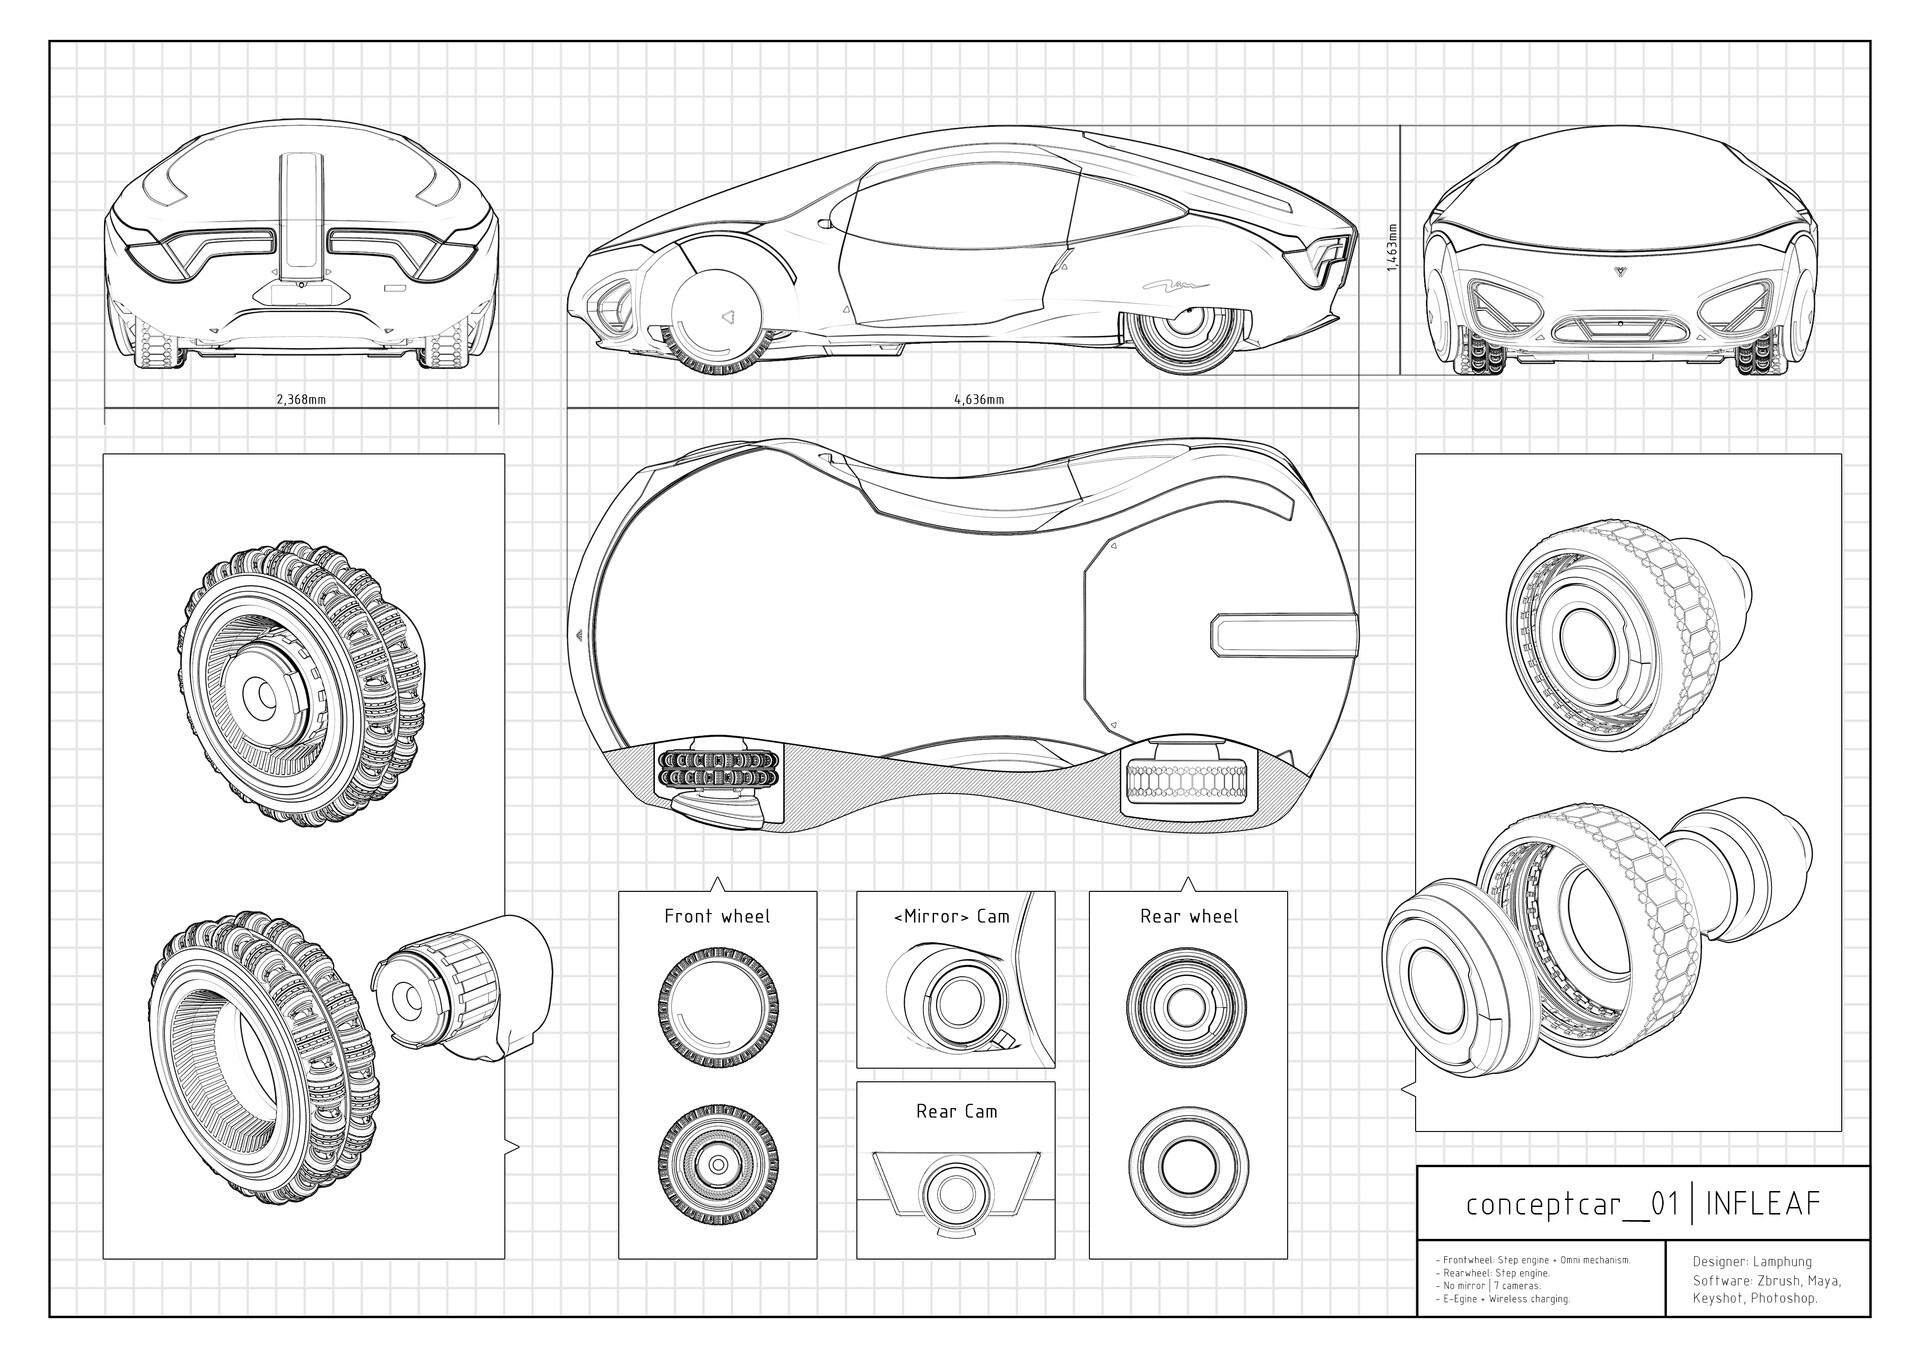 Lâm Phùng - Concept car 01 Blueprint